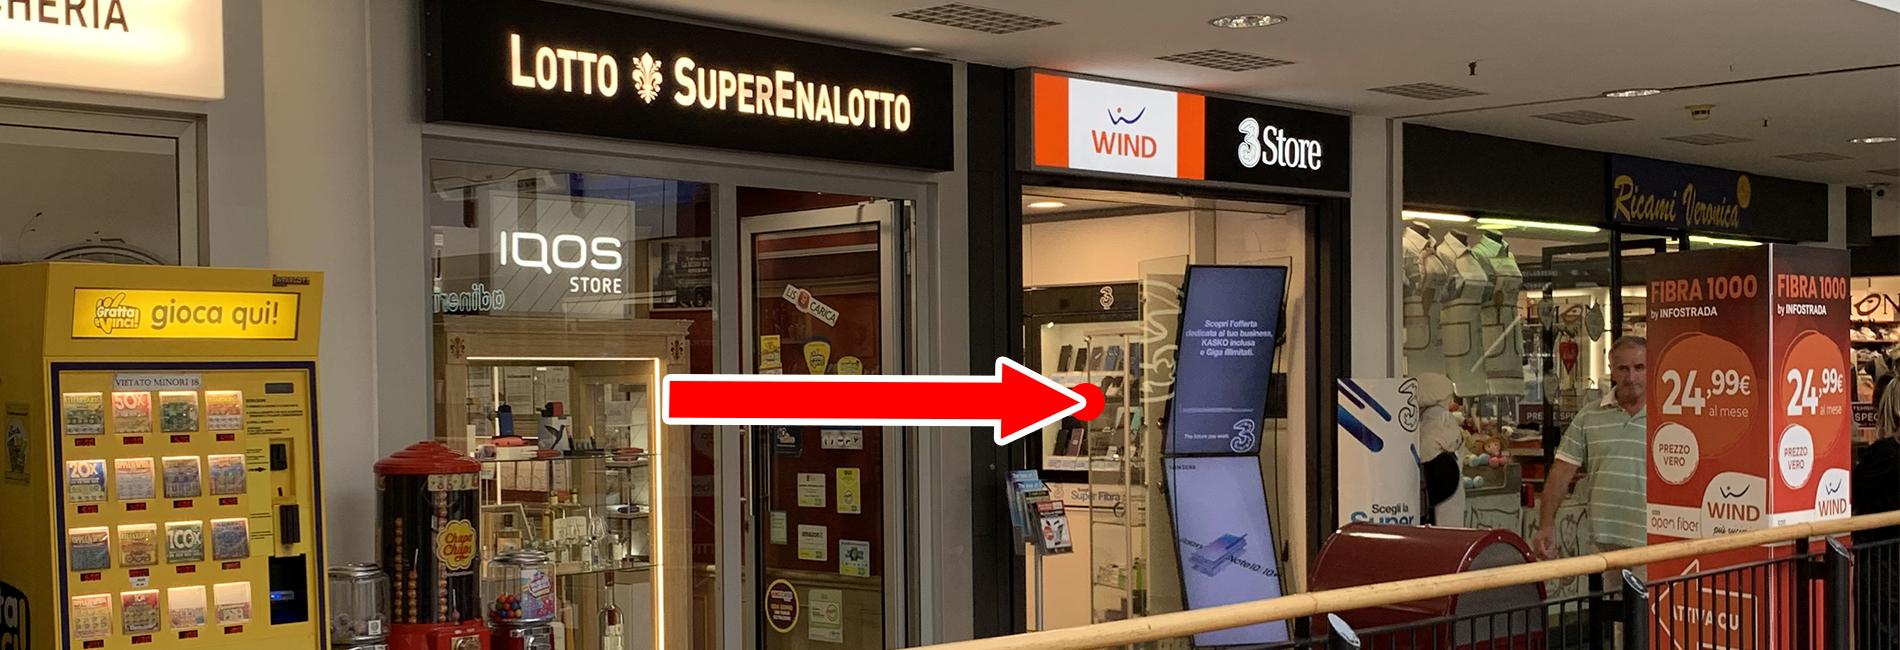 Interno negozio Wind e 3 centro commerciale le corti Varese